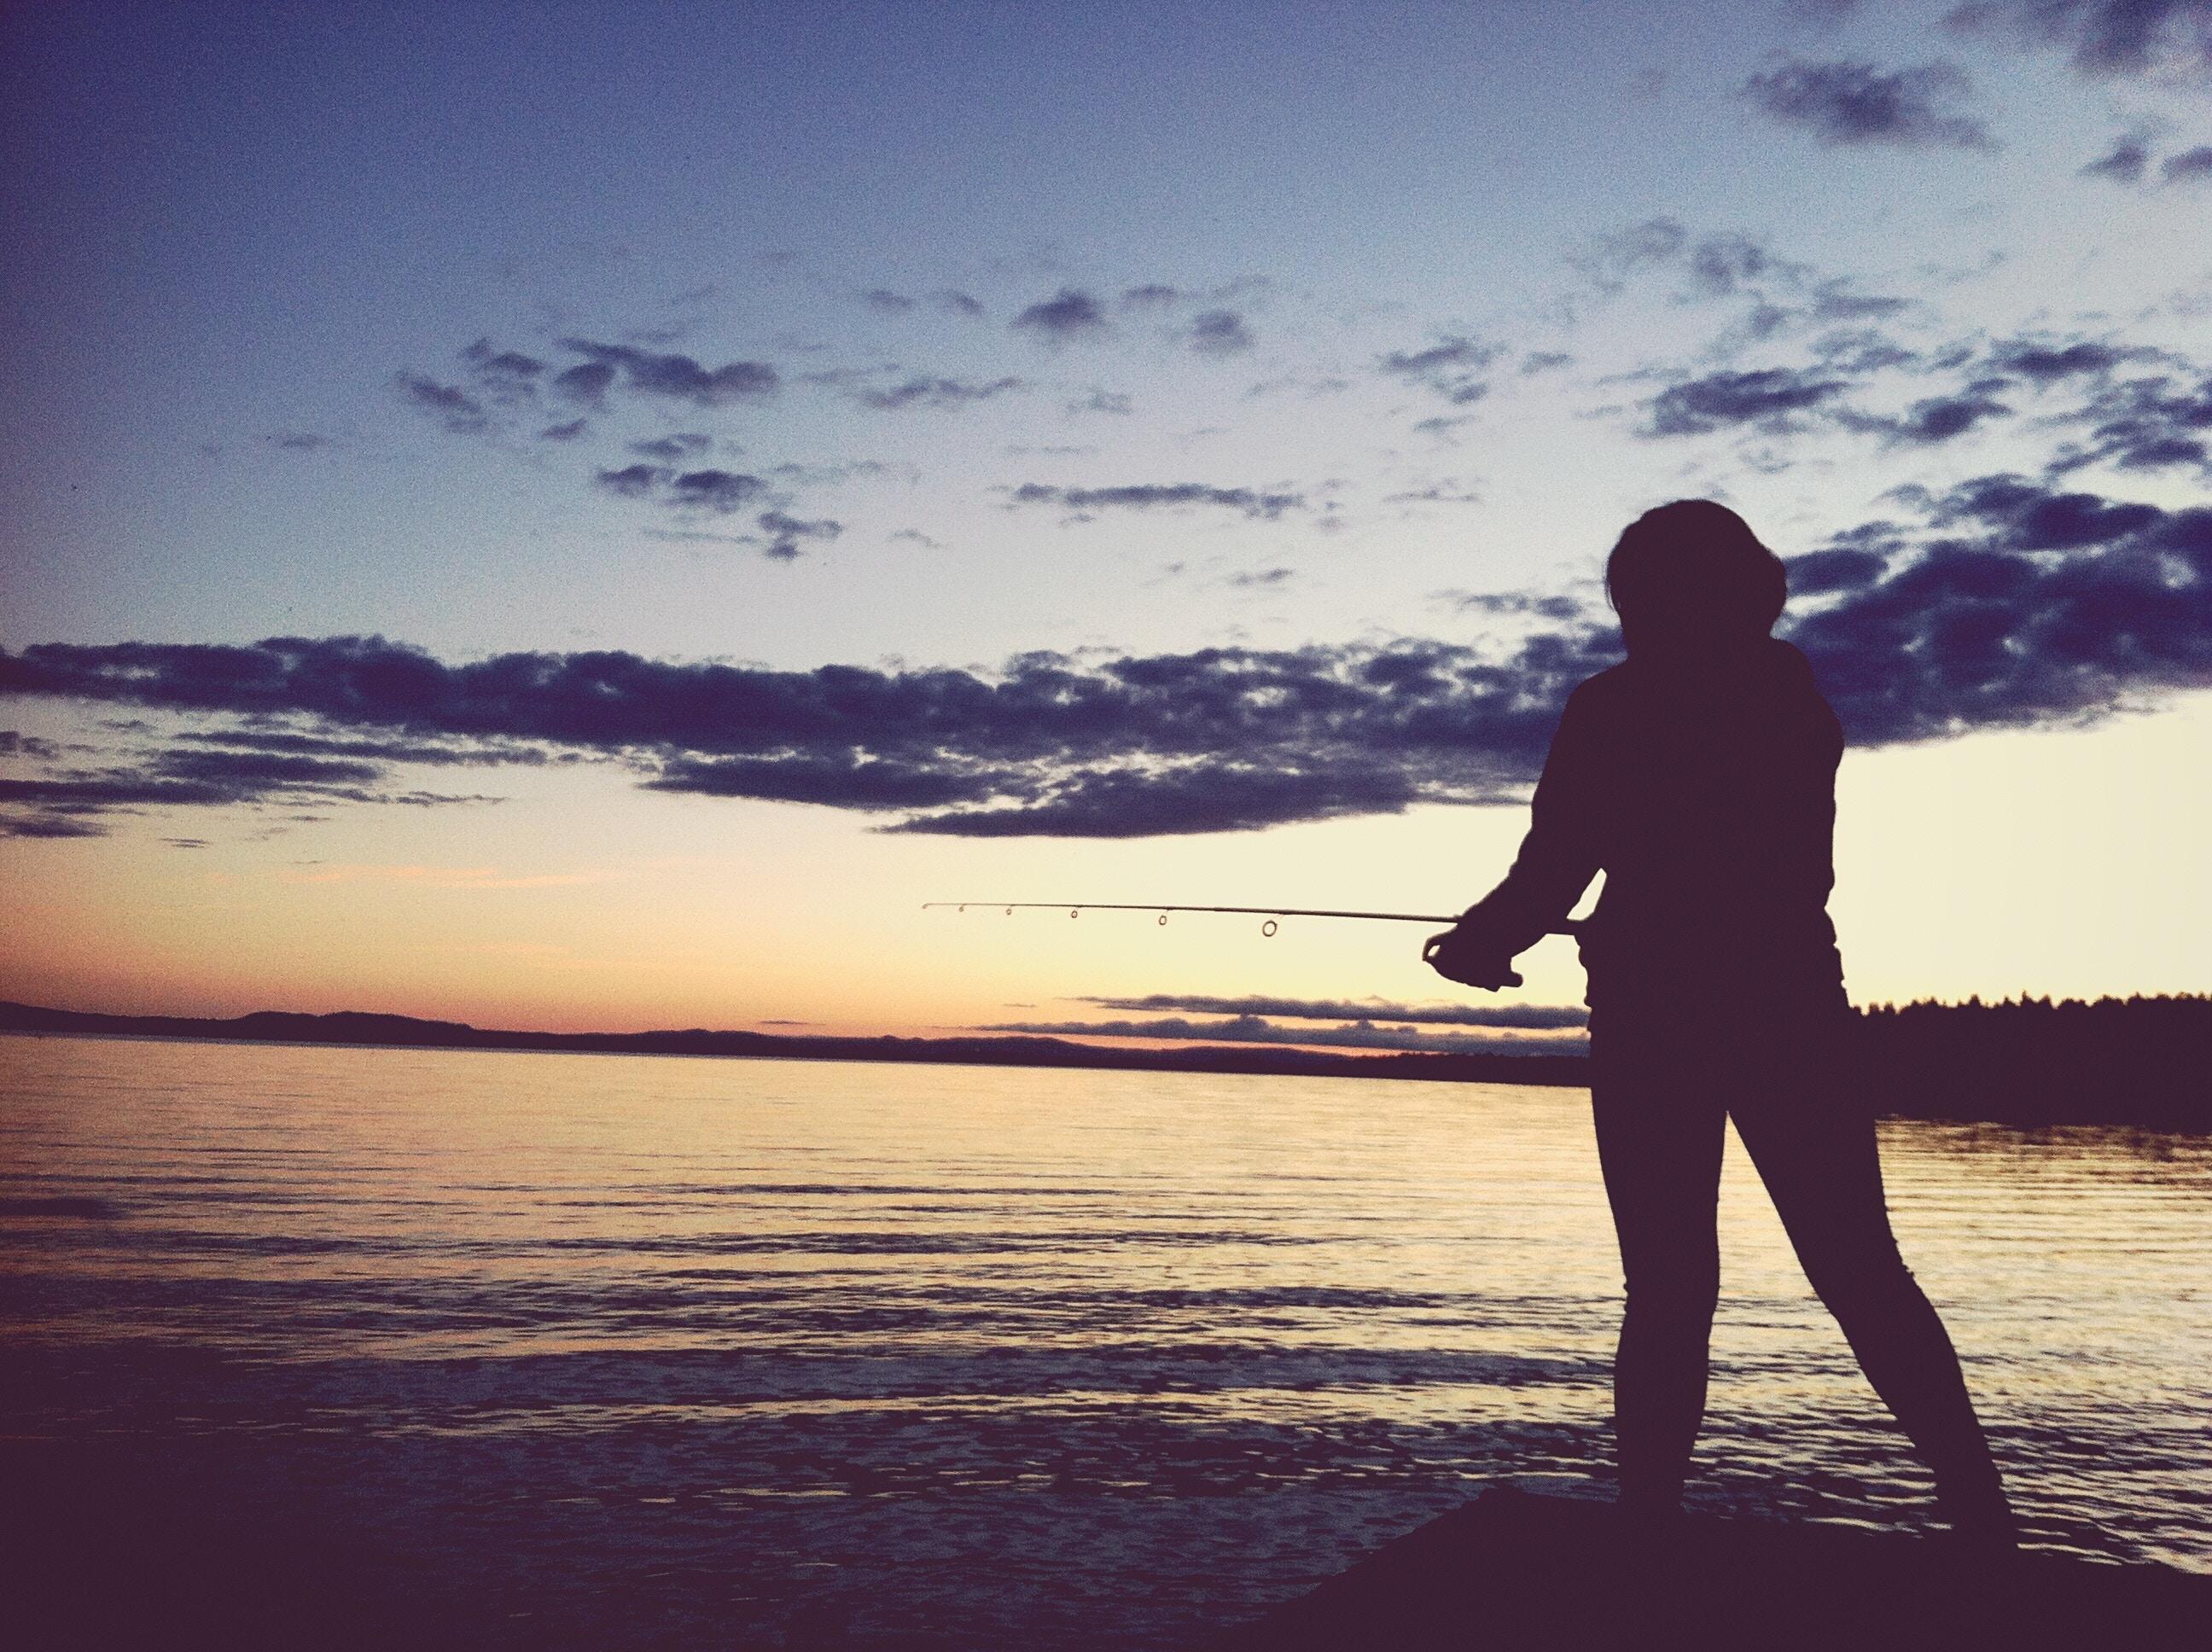 Fisketips – Ut å fiske? Her fisketips for juni!